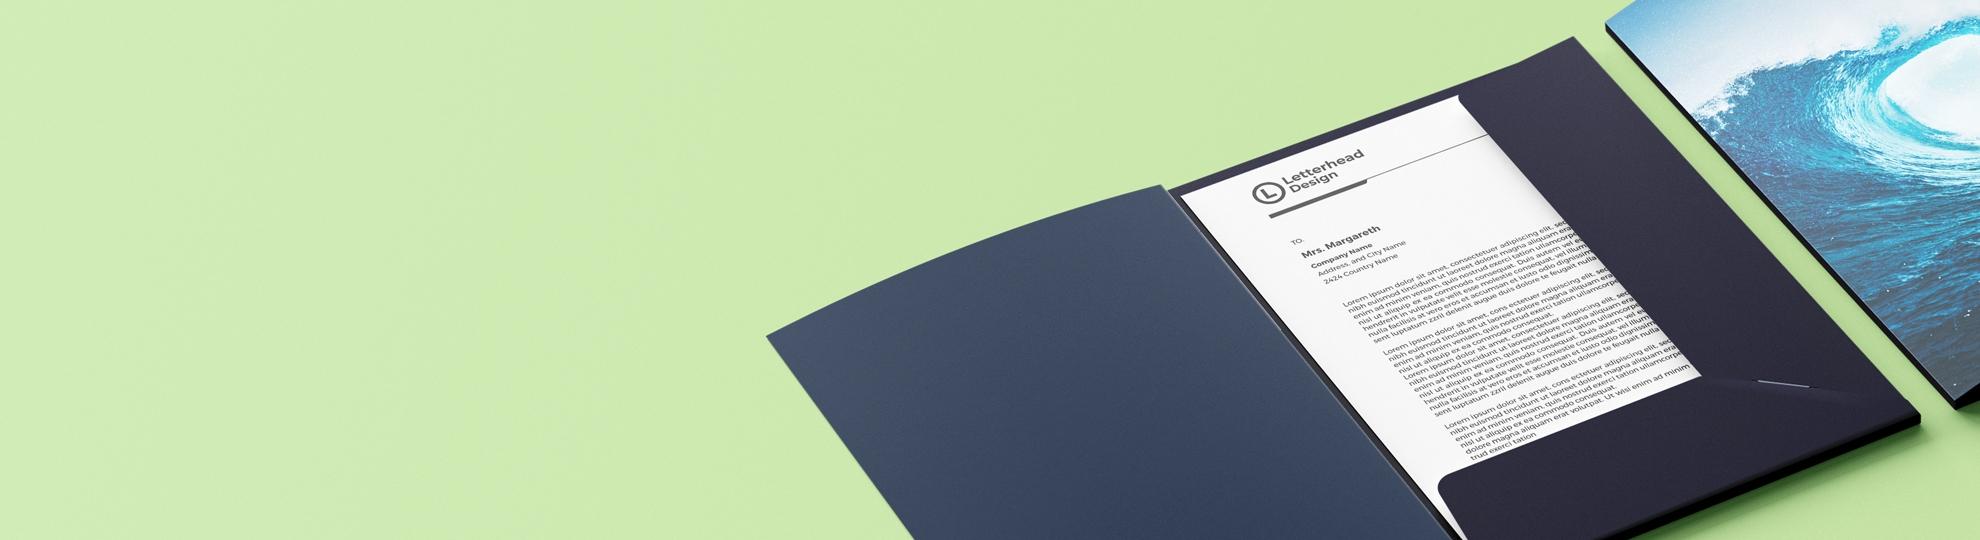 Chemise à rabat pochette personnalisée Imprim Up envoi express